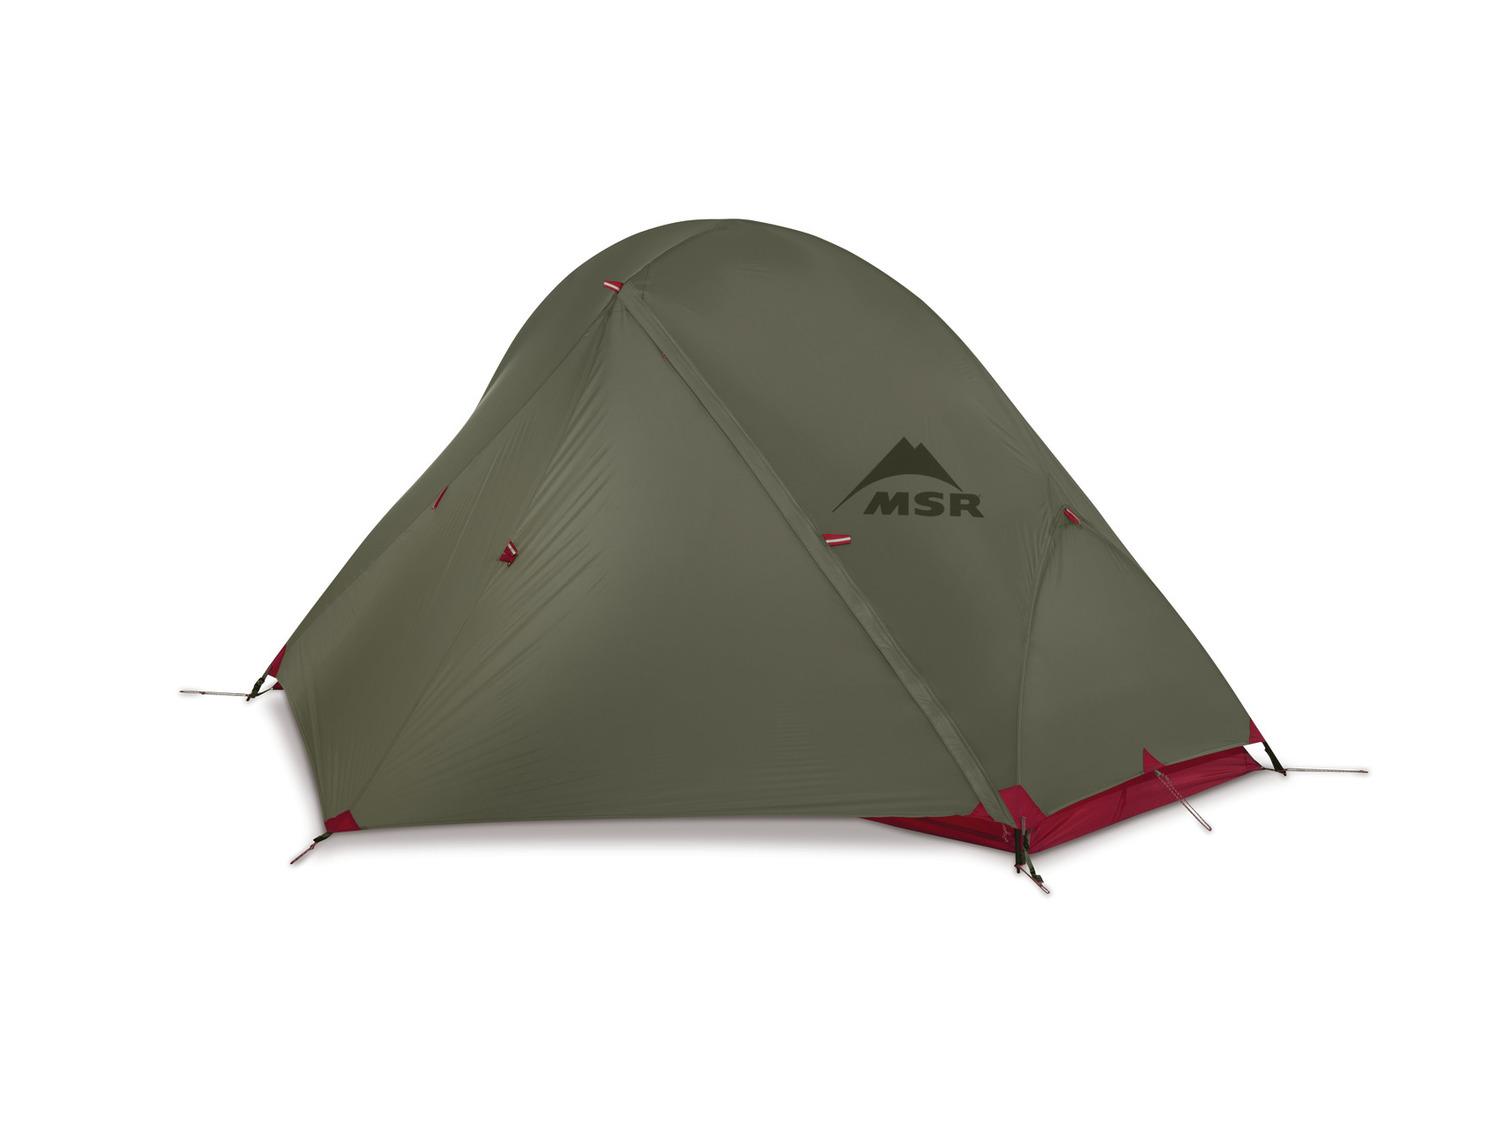 MSR - Access 1 - Zelt für Sommer & Winter für eine Person *inkl. Footprint* – Bild 5